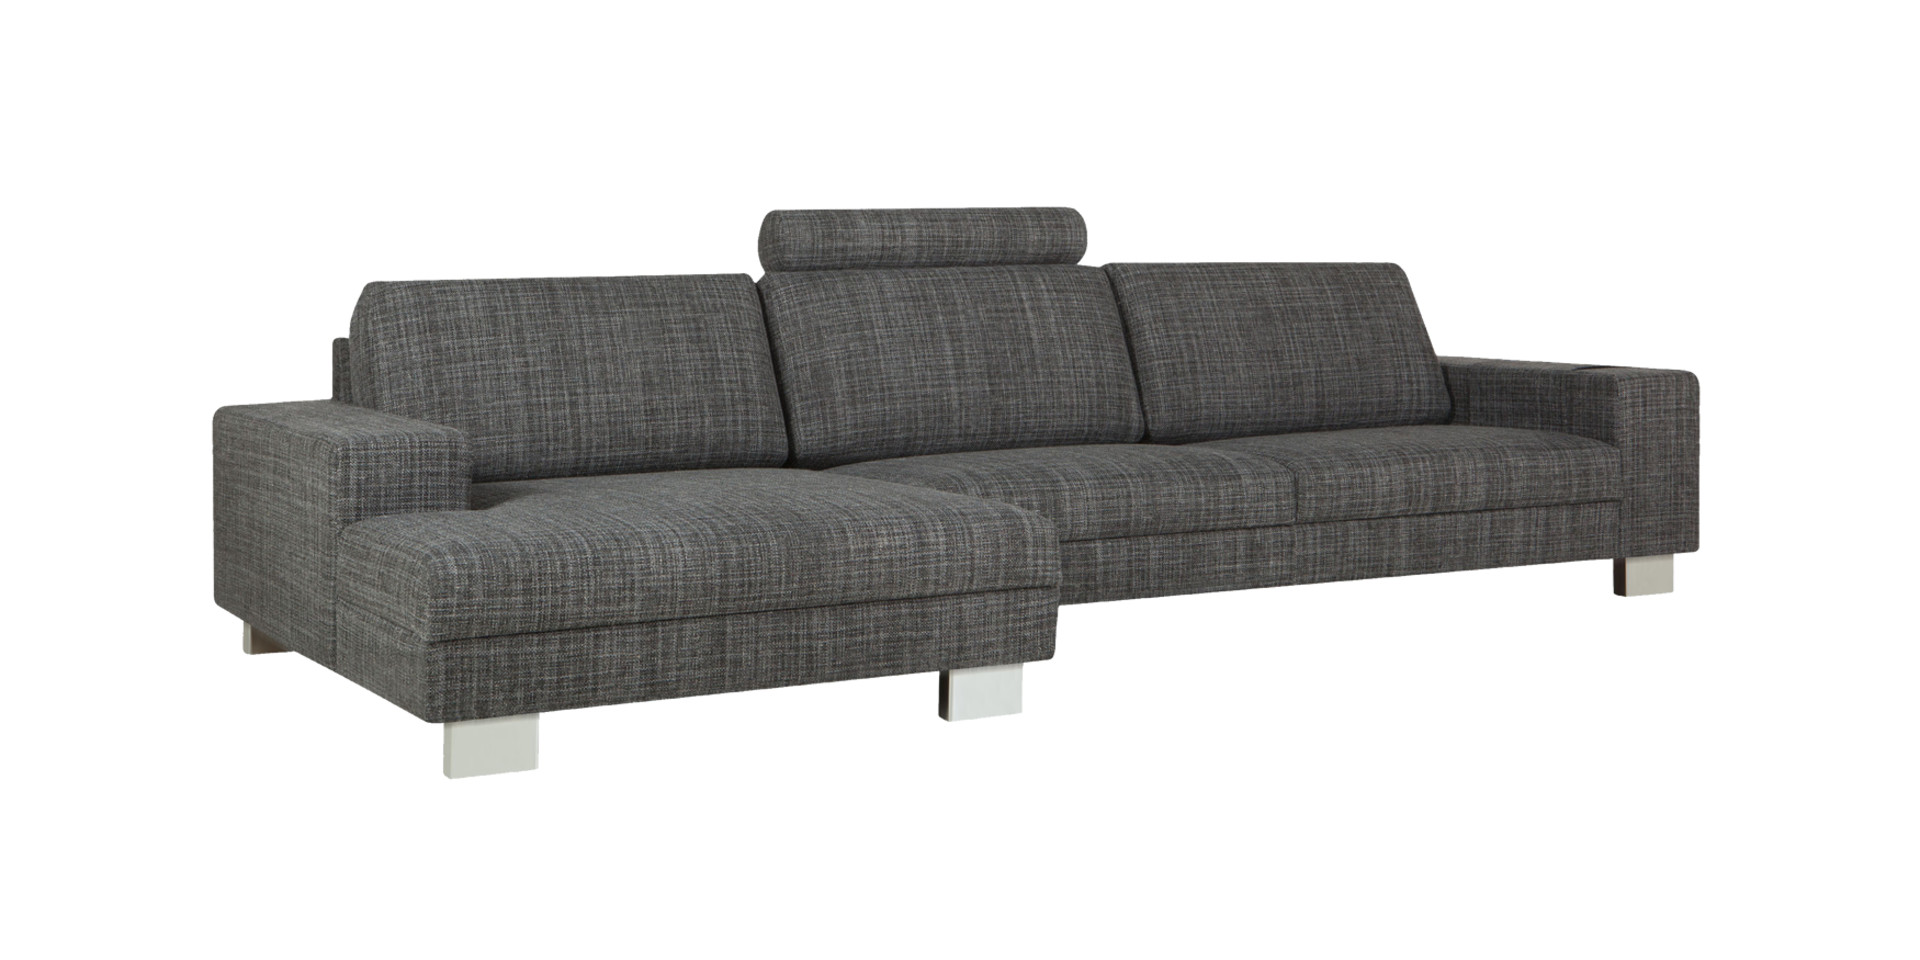 sits-quattro-angle-set2_gunnar06_dark_grey_2